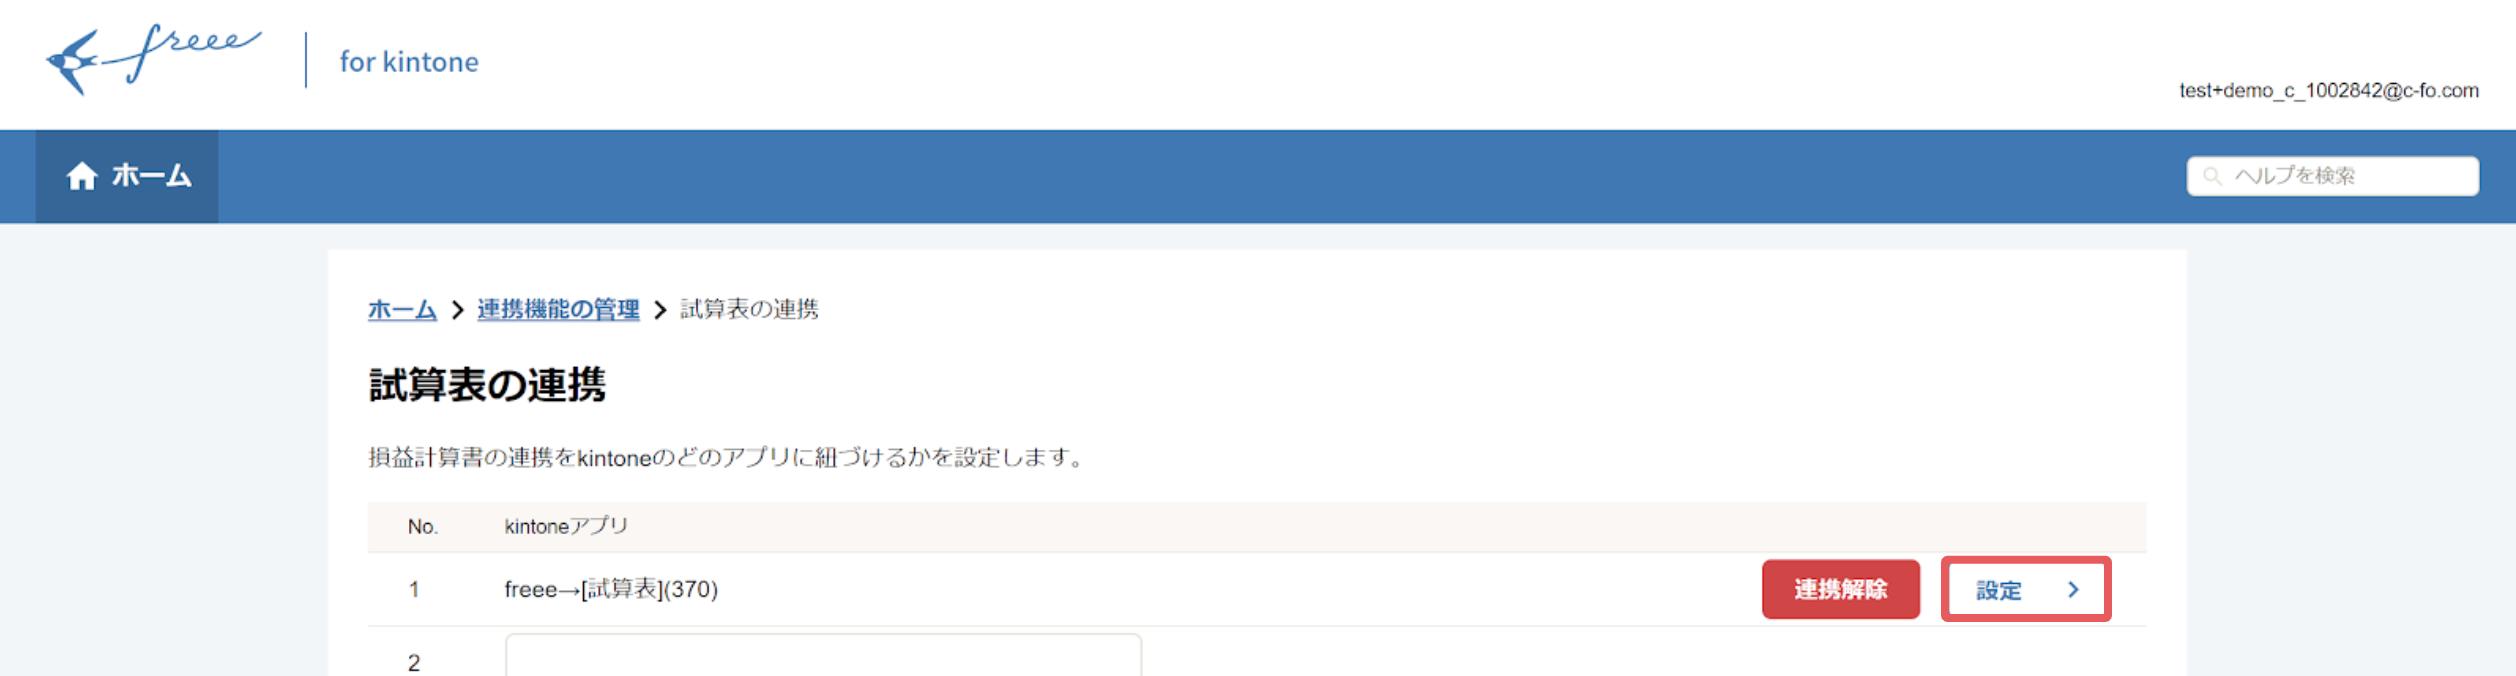 Screen_Shot_2020-07-10_at_15.55.14.png